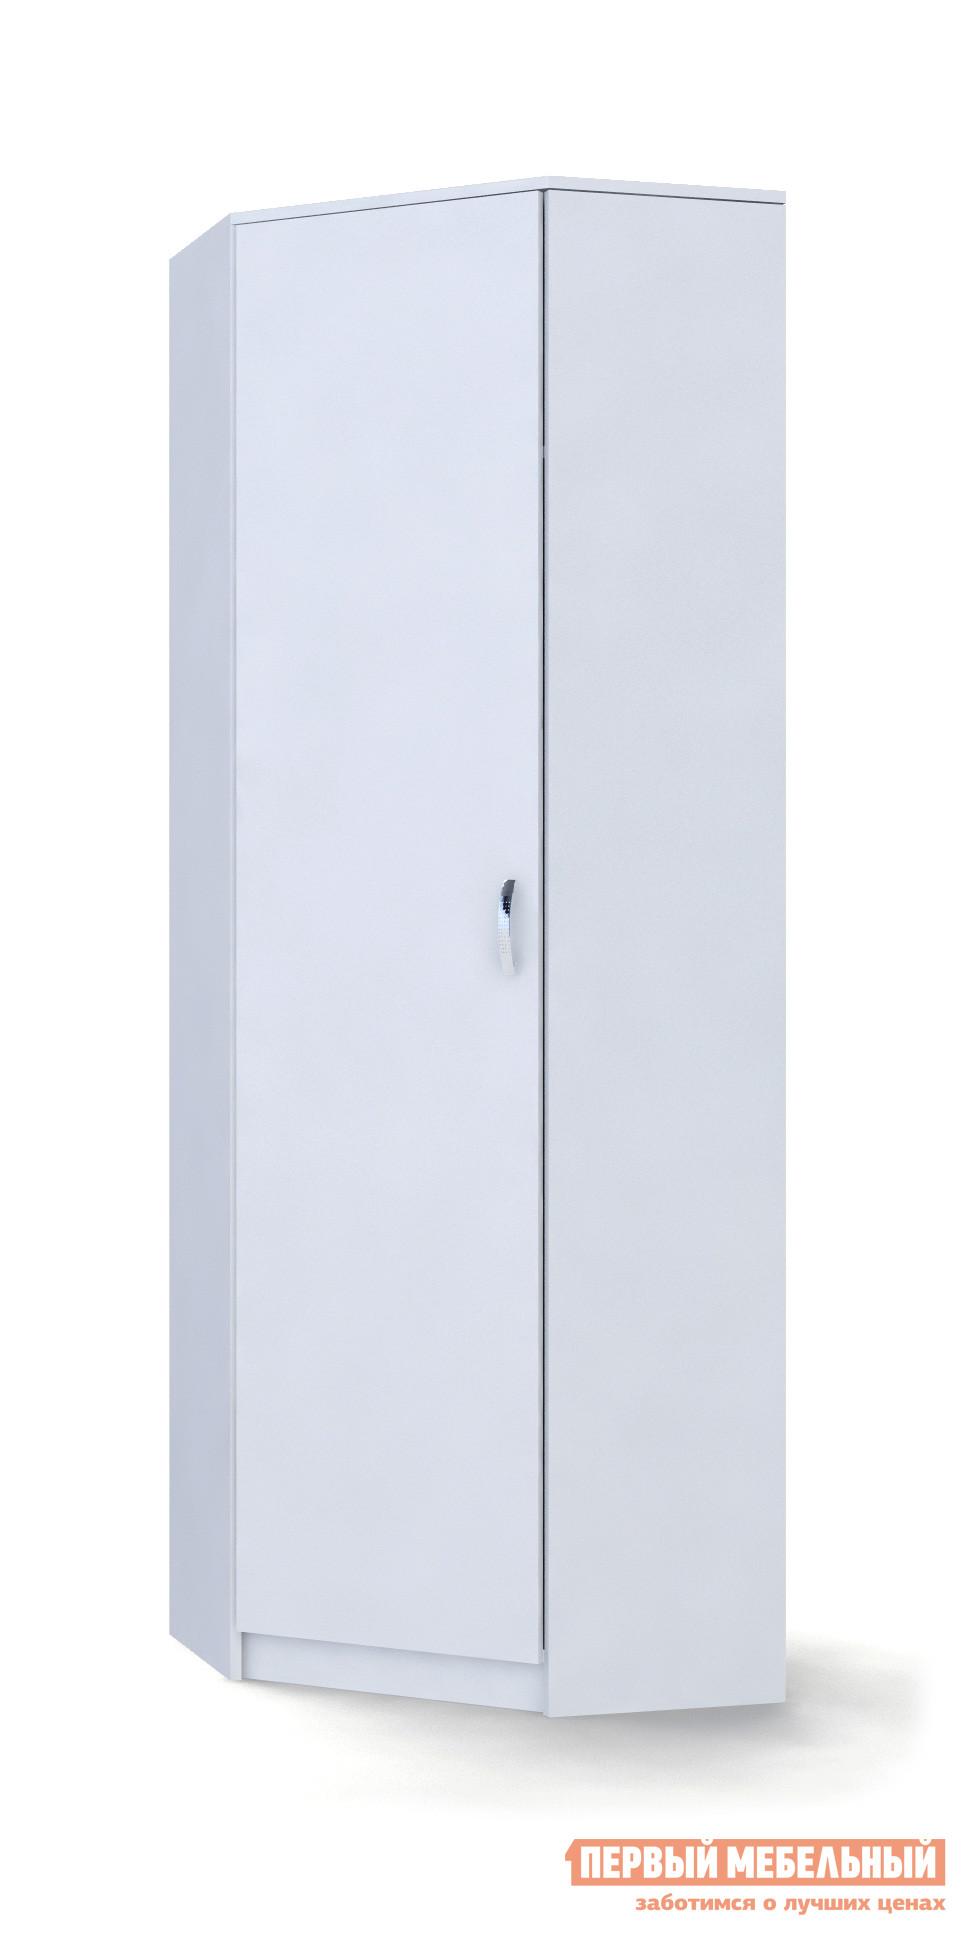 Шкаф распашной МФ Мастер Шкаф угловой (ШУ) БелыйШкафы распашные<br>Габаритные размеры ВхШхГ 2000x670 / 350x670 / 350 мм. Стильный угловой шкаф в белом цвете — отличное решение для современного интерьера.  Внутри располагаются штанга для вешалок и две полки для обуви и головных уборов.  Благодаря компактным размерам, модель прекрасно подойдет для небольшой прихожей. Обратите внимание! В разделе «Аксессуары» можно ознакомиться с моделью антресоли, которой можно дополнить шкаф, тем самым увеличив пространство для хранения. Шкаф универсальный: дверь можно навесить на любую сторону. Шкаф изготавливается из ЛДСП, ручка — металл. Обратите внимание! Модель необходимо крепить к стене для устойчивости.<br><br>Цвет: Белый<br>Цвет: Светлое дерево<br>Высота мм: 2000<br>Ширина мм: 670 / 350<br>Глубина мм: 670 / 350<br>Кол-во упаковок: 2<br>Форма поставки: В разобранном виде<br>Срок гарантии: 2 года<br>Тип: Угловые<br>Материал: Дерево<br>Материал: ЛДСП<br>Размер: Однодверные